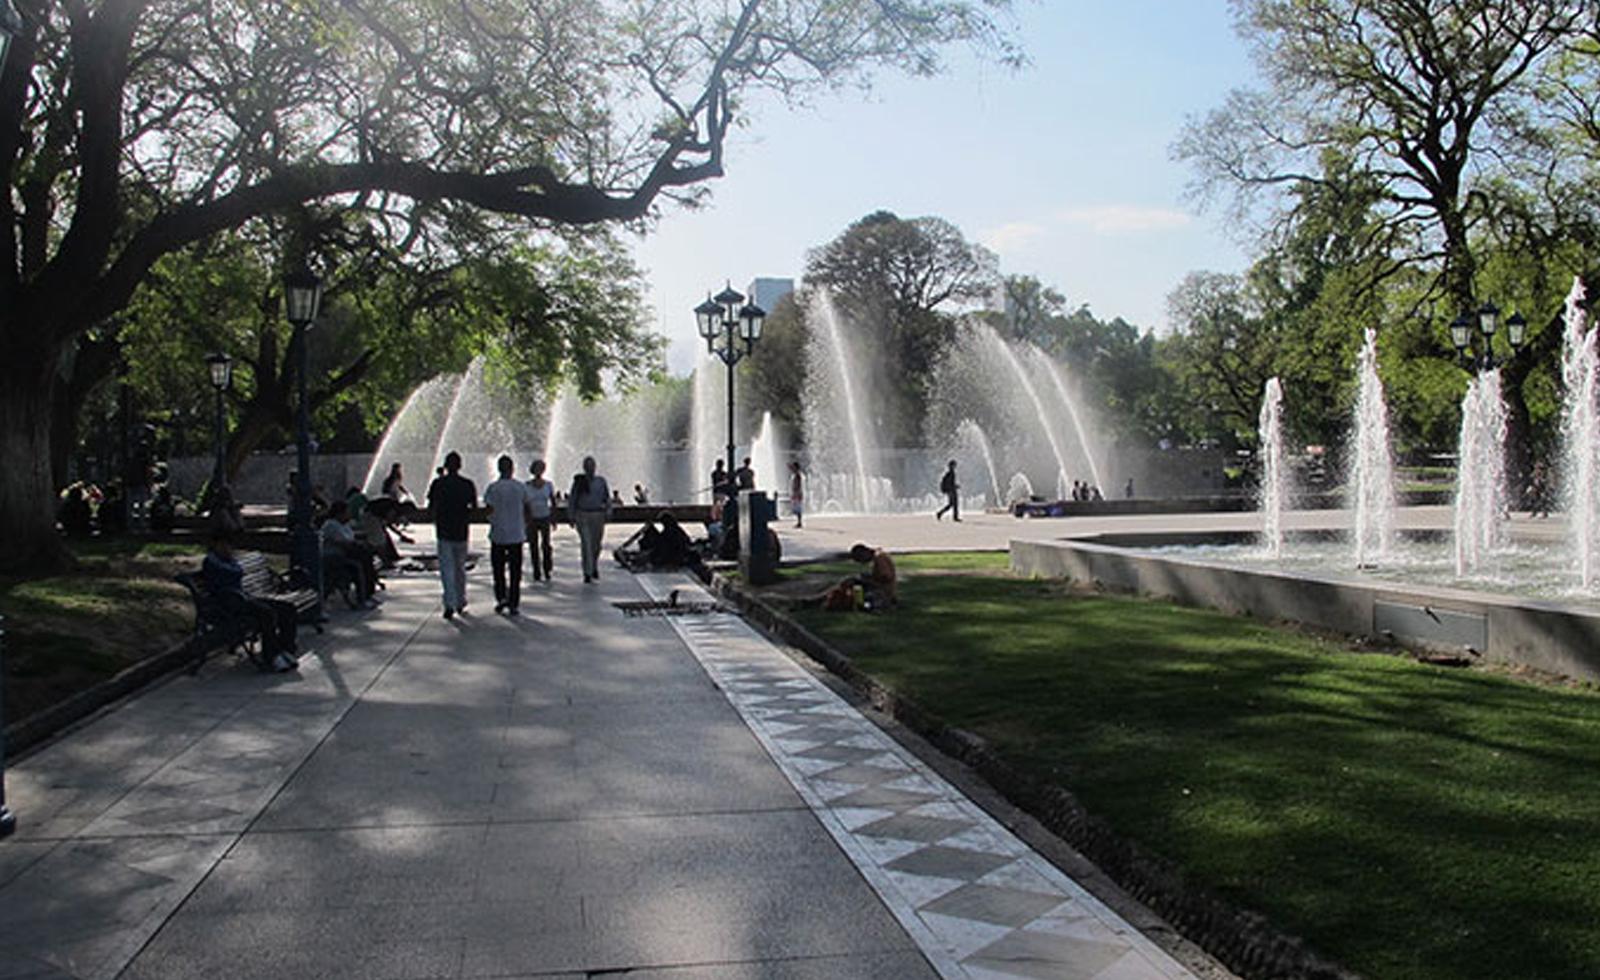 Tour in Mendoza city